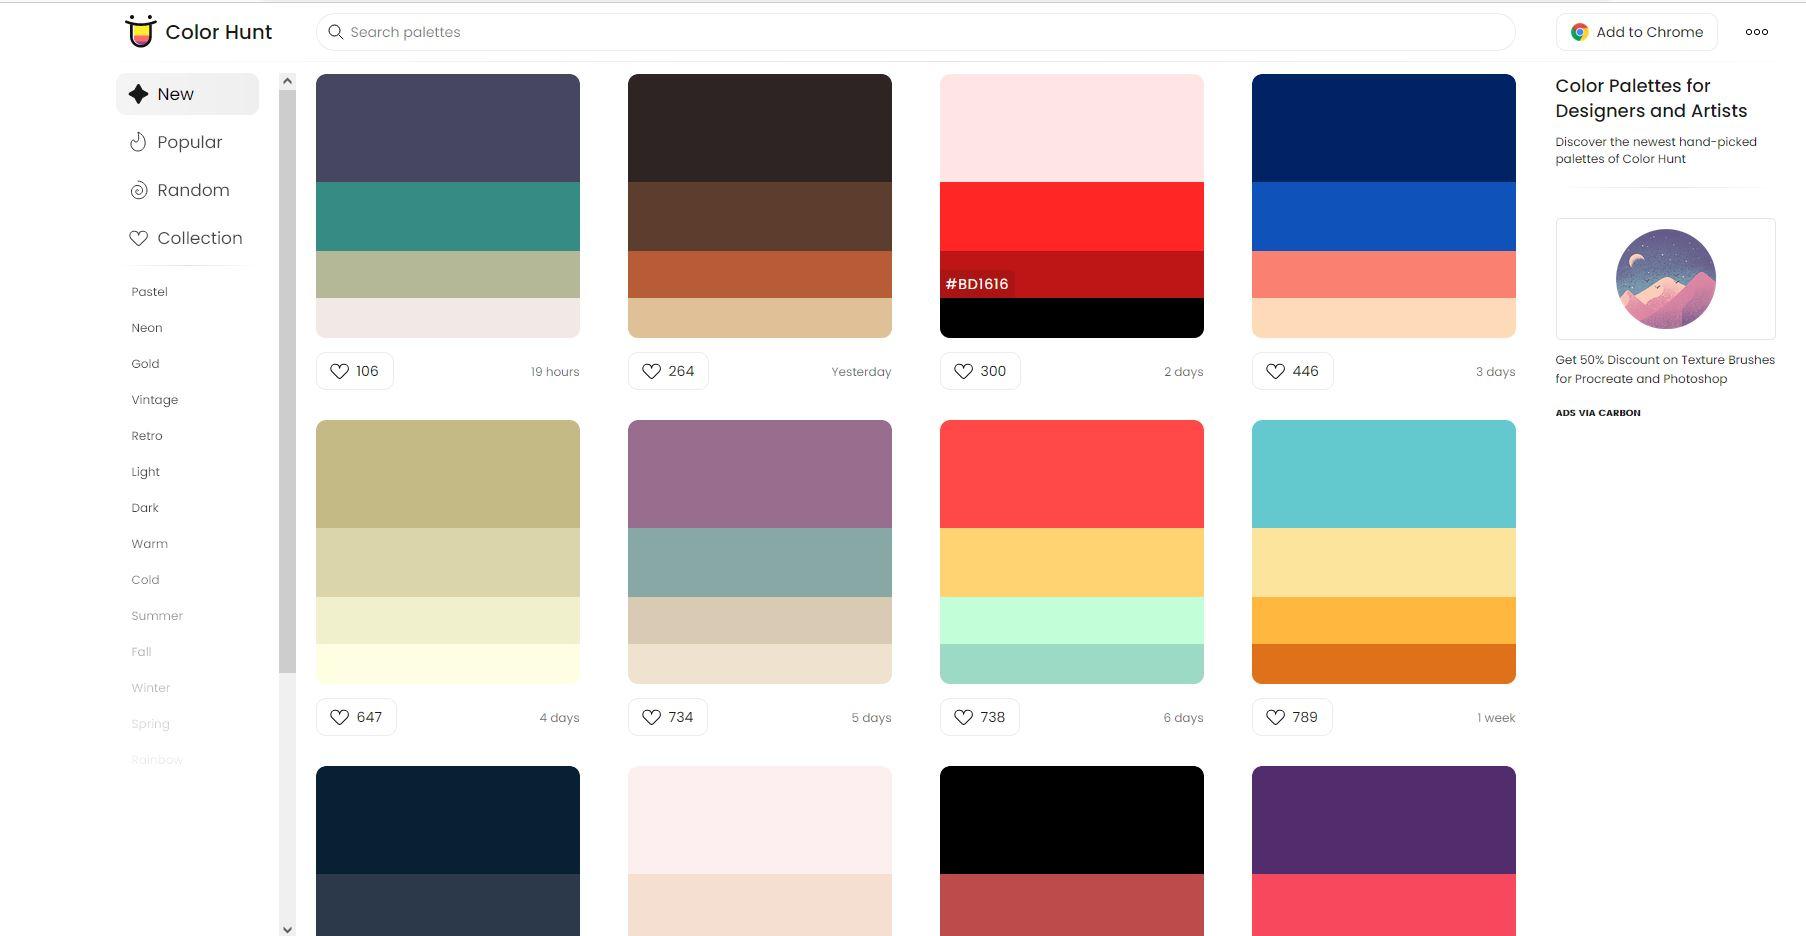 tempat mencari warna populer